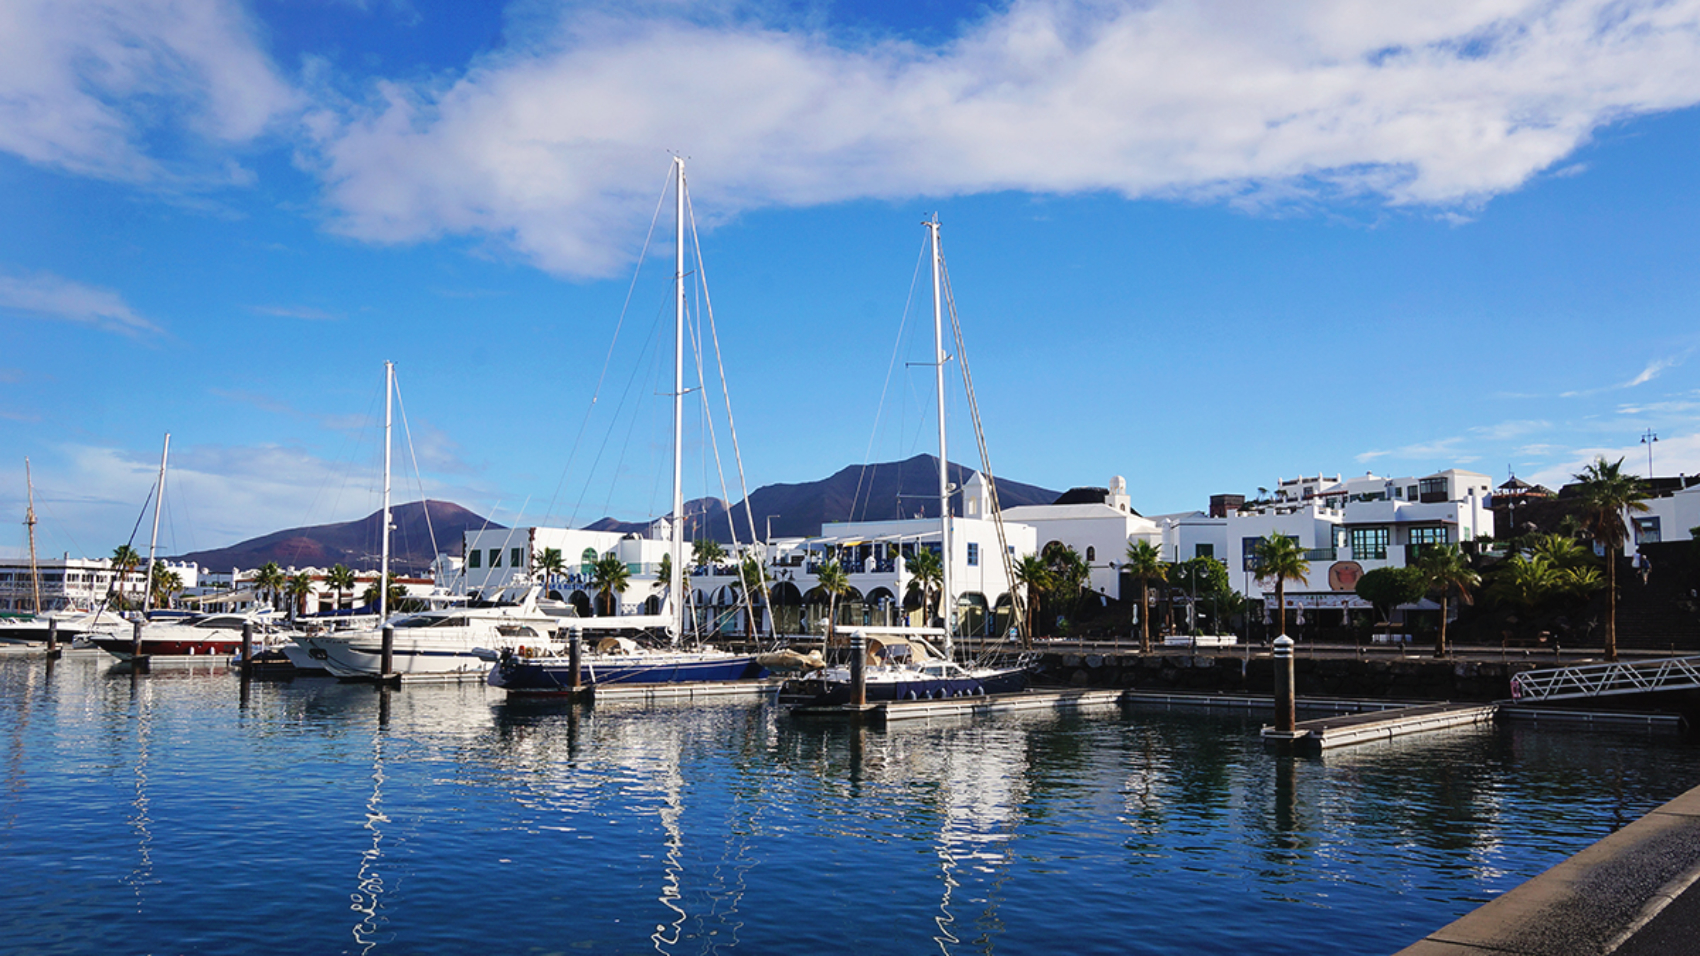 Marina Rubicon, Lanzarote